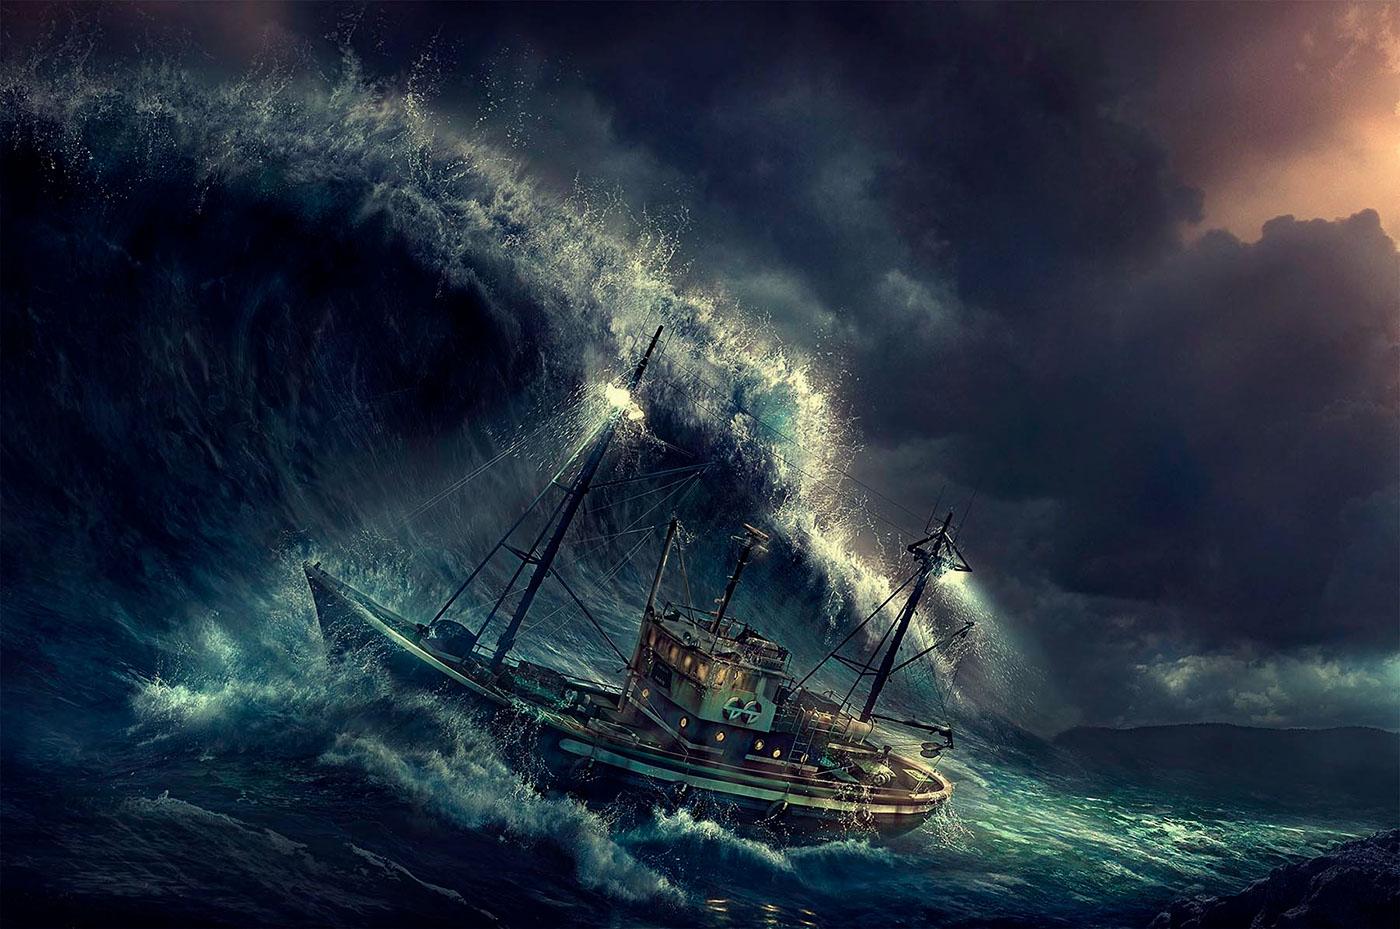 парусник в штормовом море фото проведи